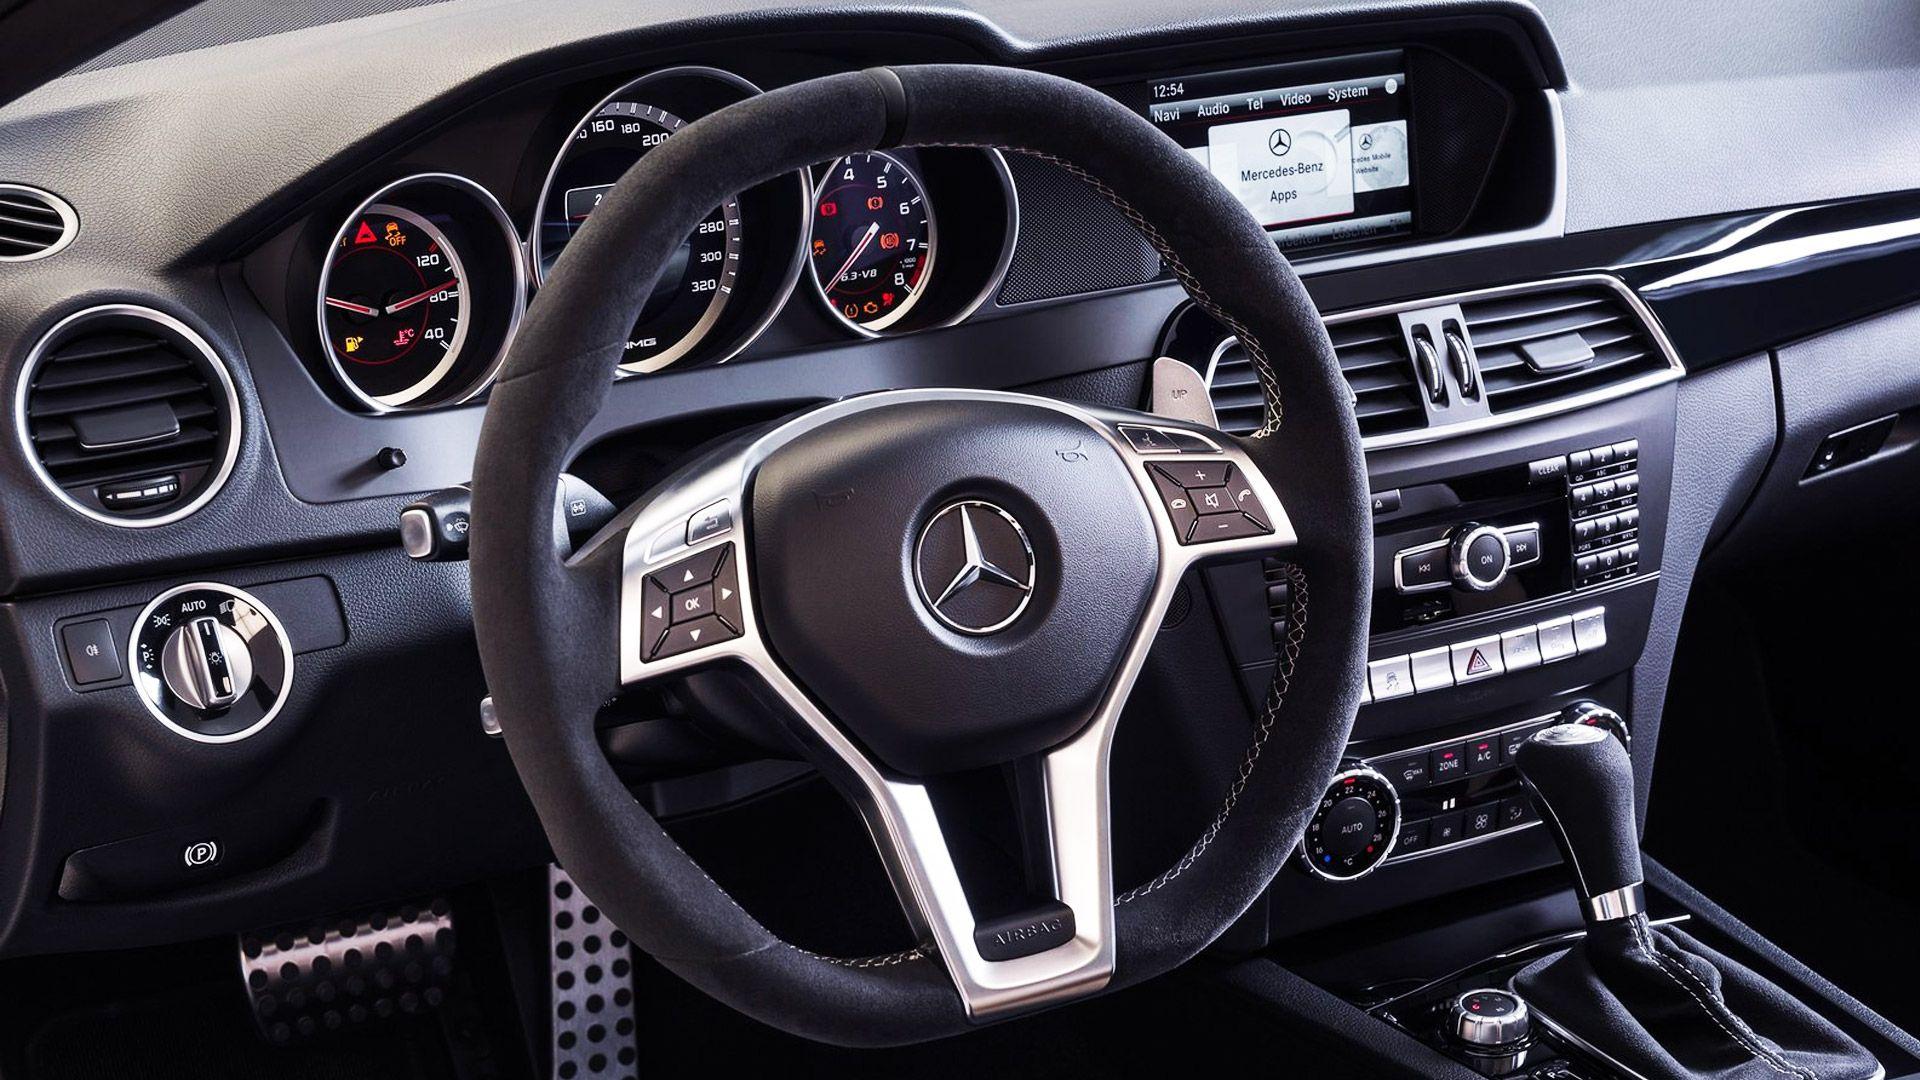 2014 Mercedes C63 Amg Edition 507 Dashboard Mercedes C63 Amg